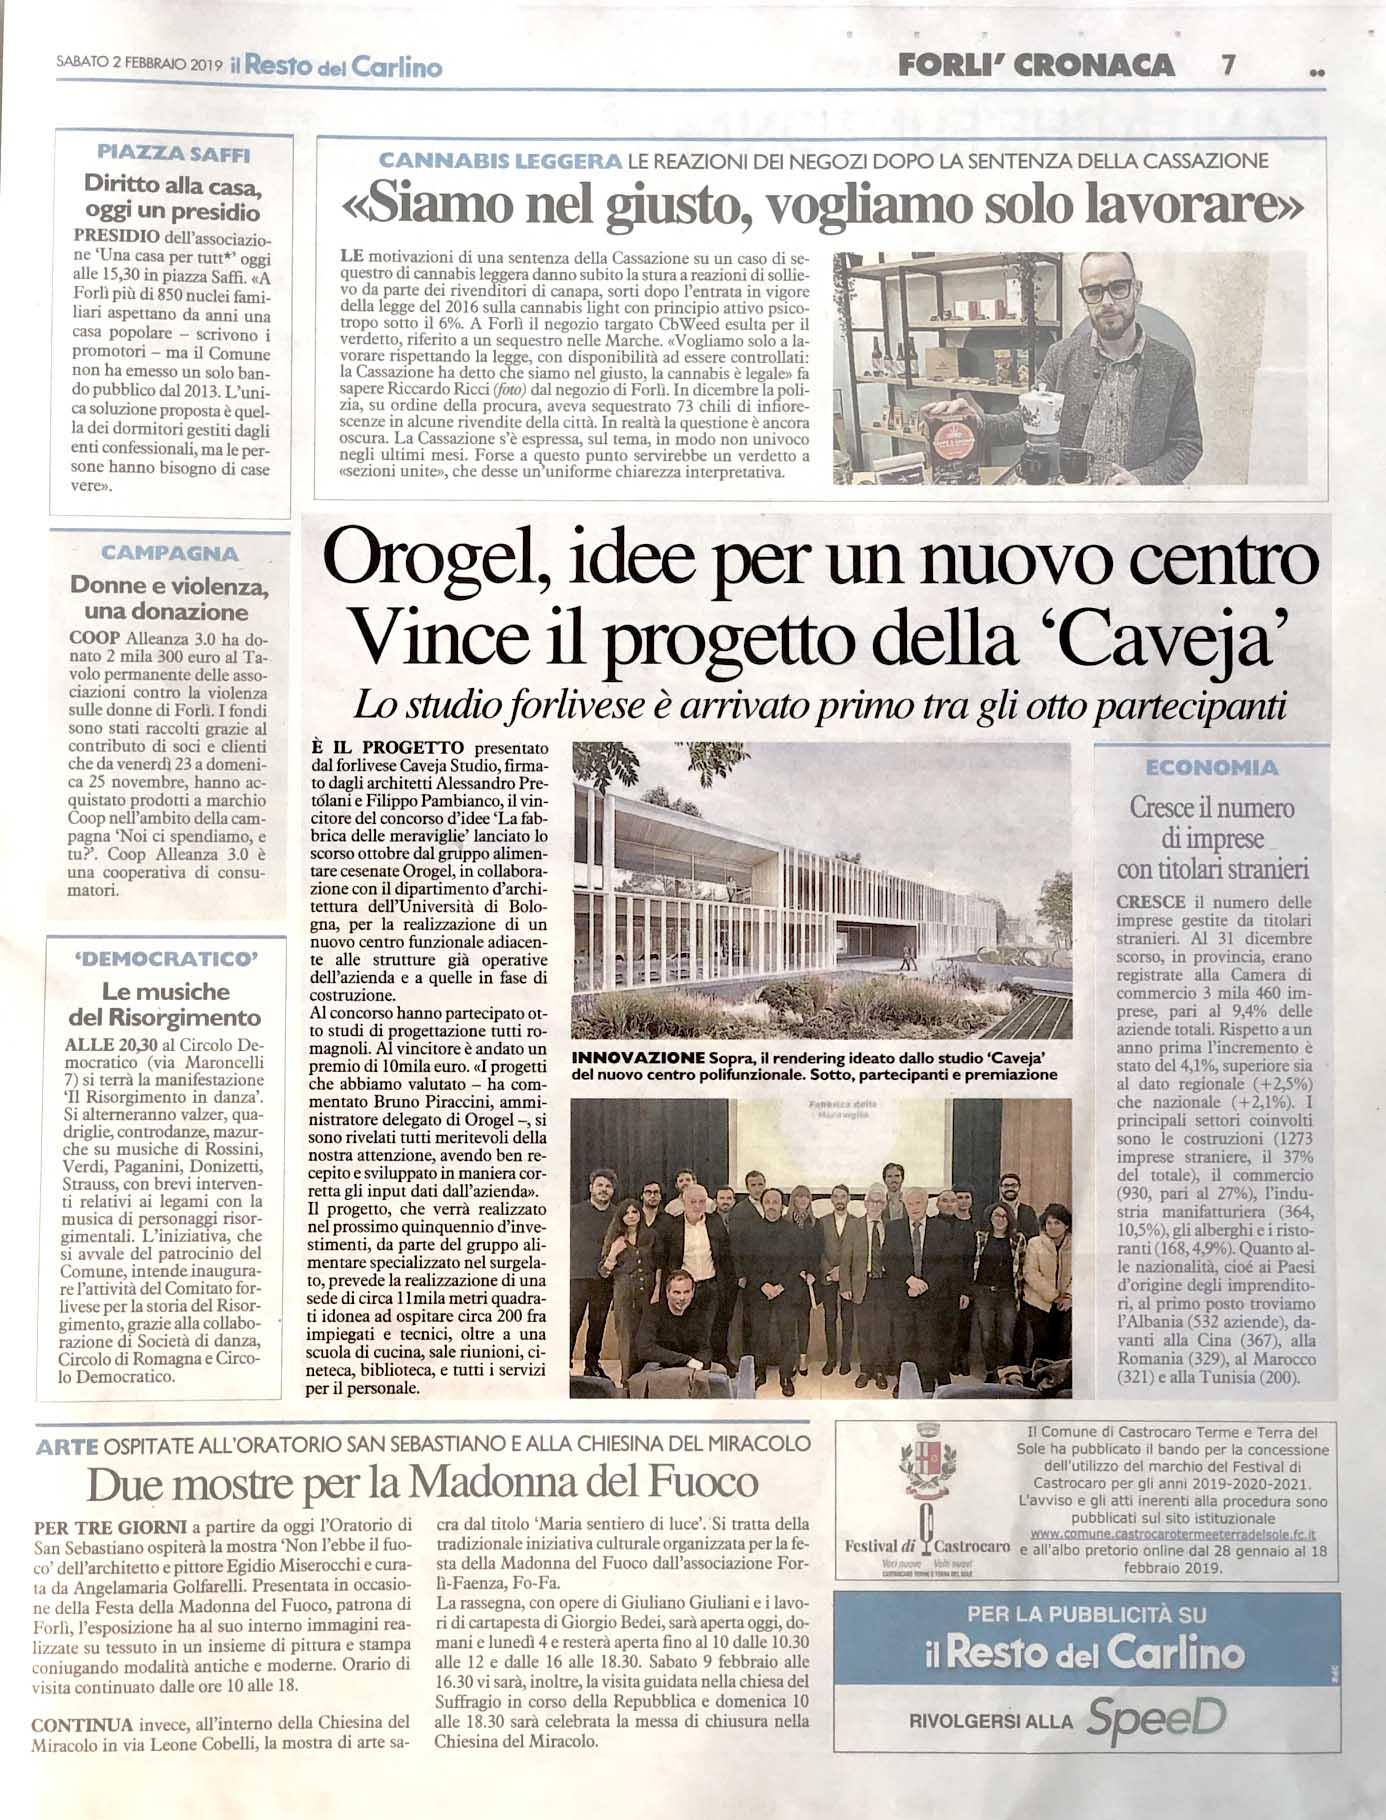 Il-Resto-del-Carlino-bis-02.02.2019-copia.jpg